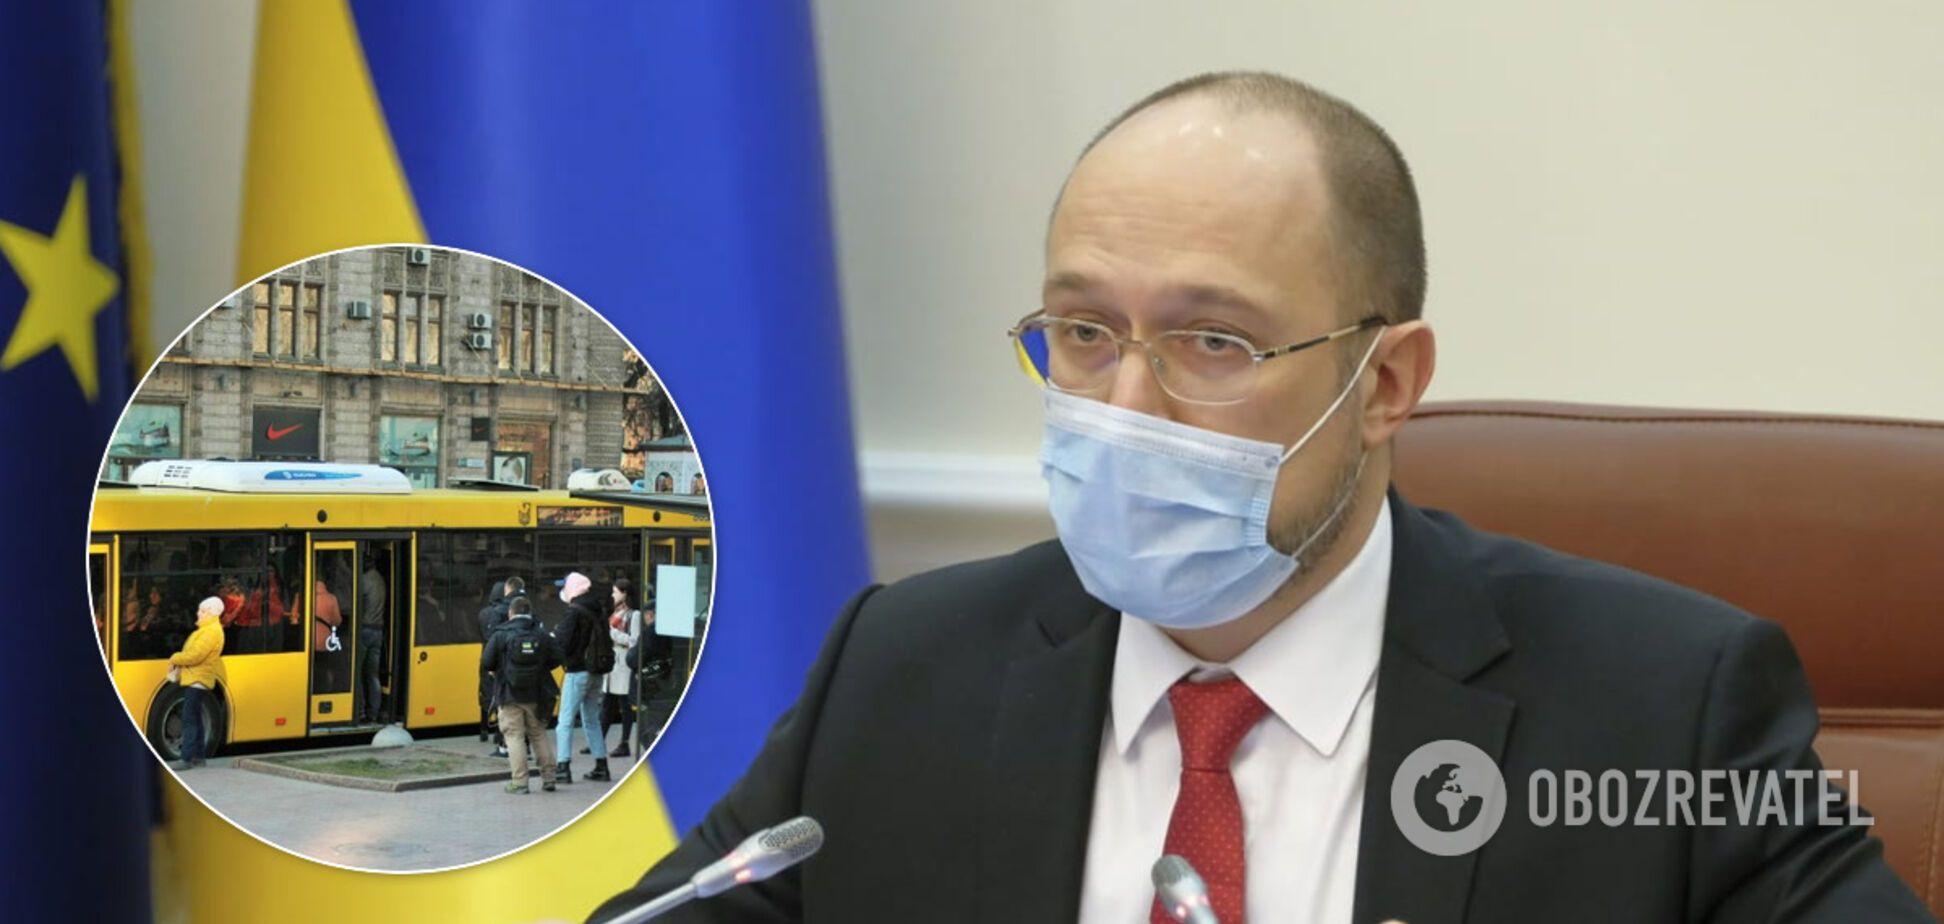 Денис Шмыгаль не исключил приостановку транспорта в Украине